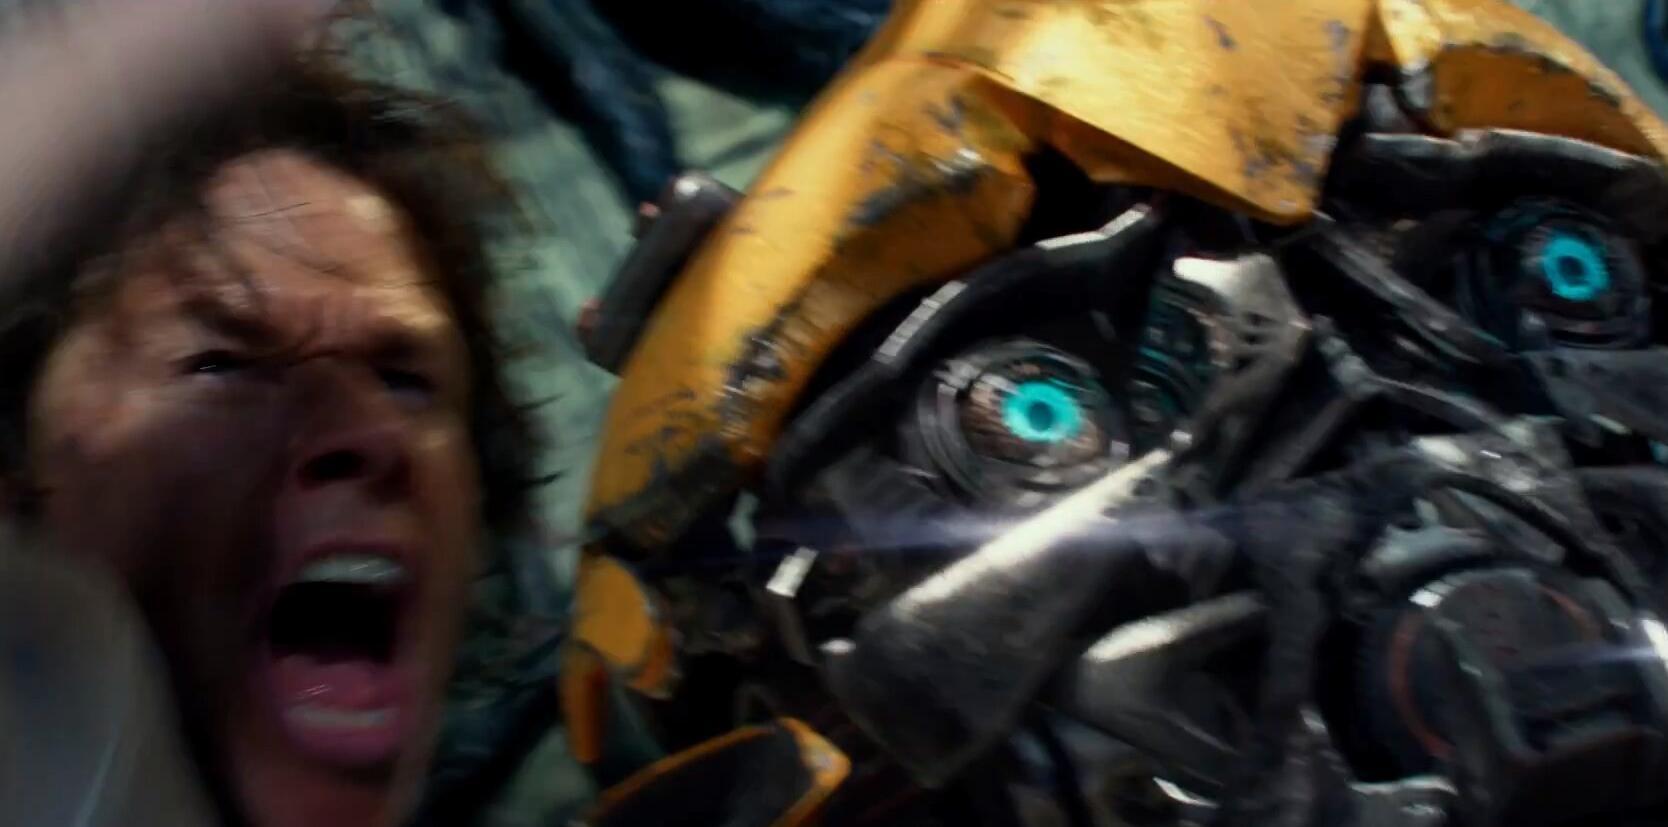 《变形金刚5》正式预告片发布 大黄蜂遭殃了5.jpg